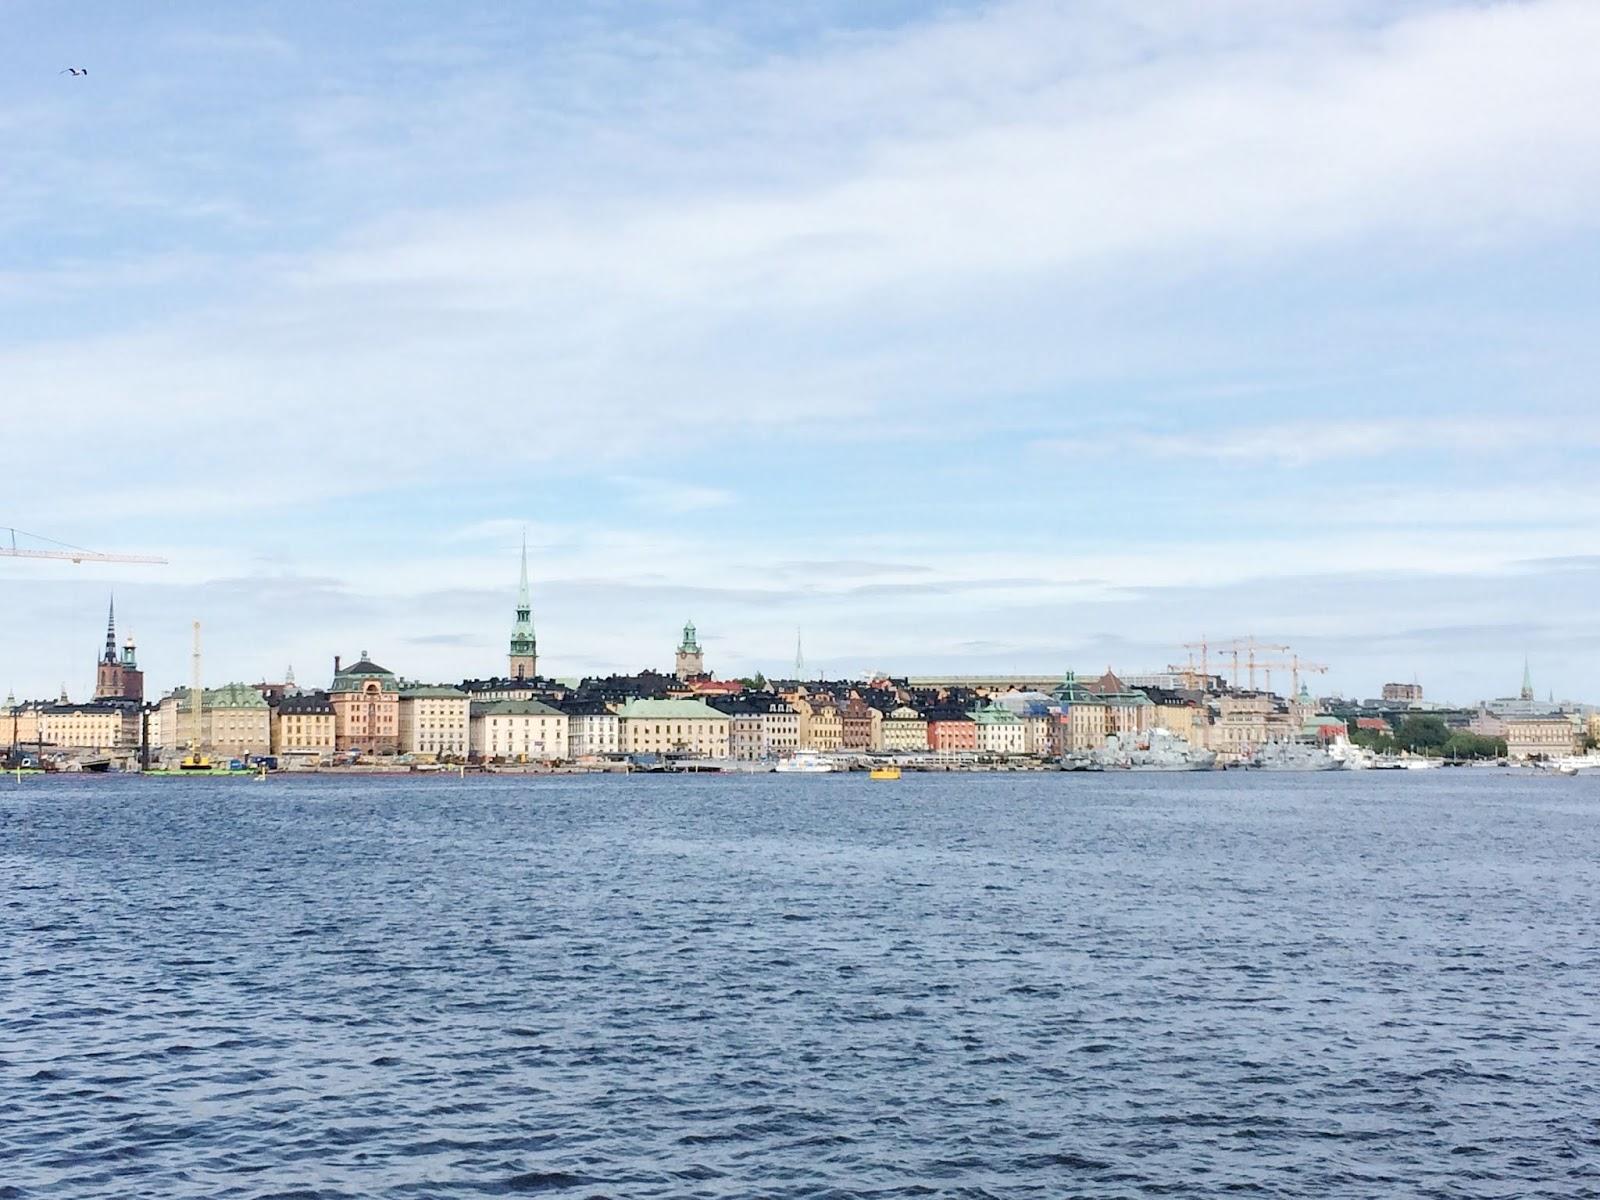 Taaperon kanssa Tukholman risteilyllä